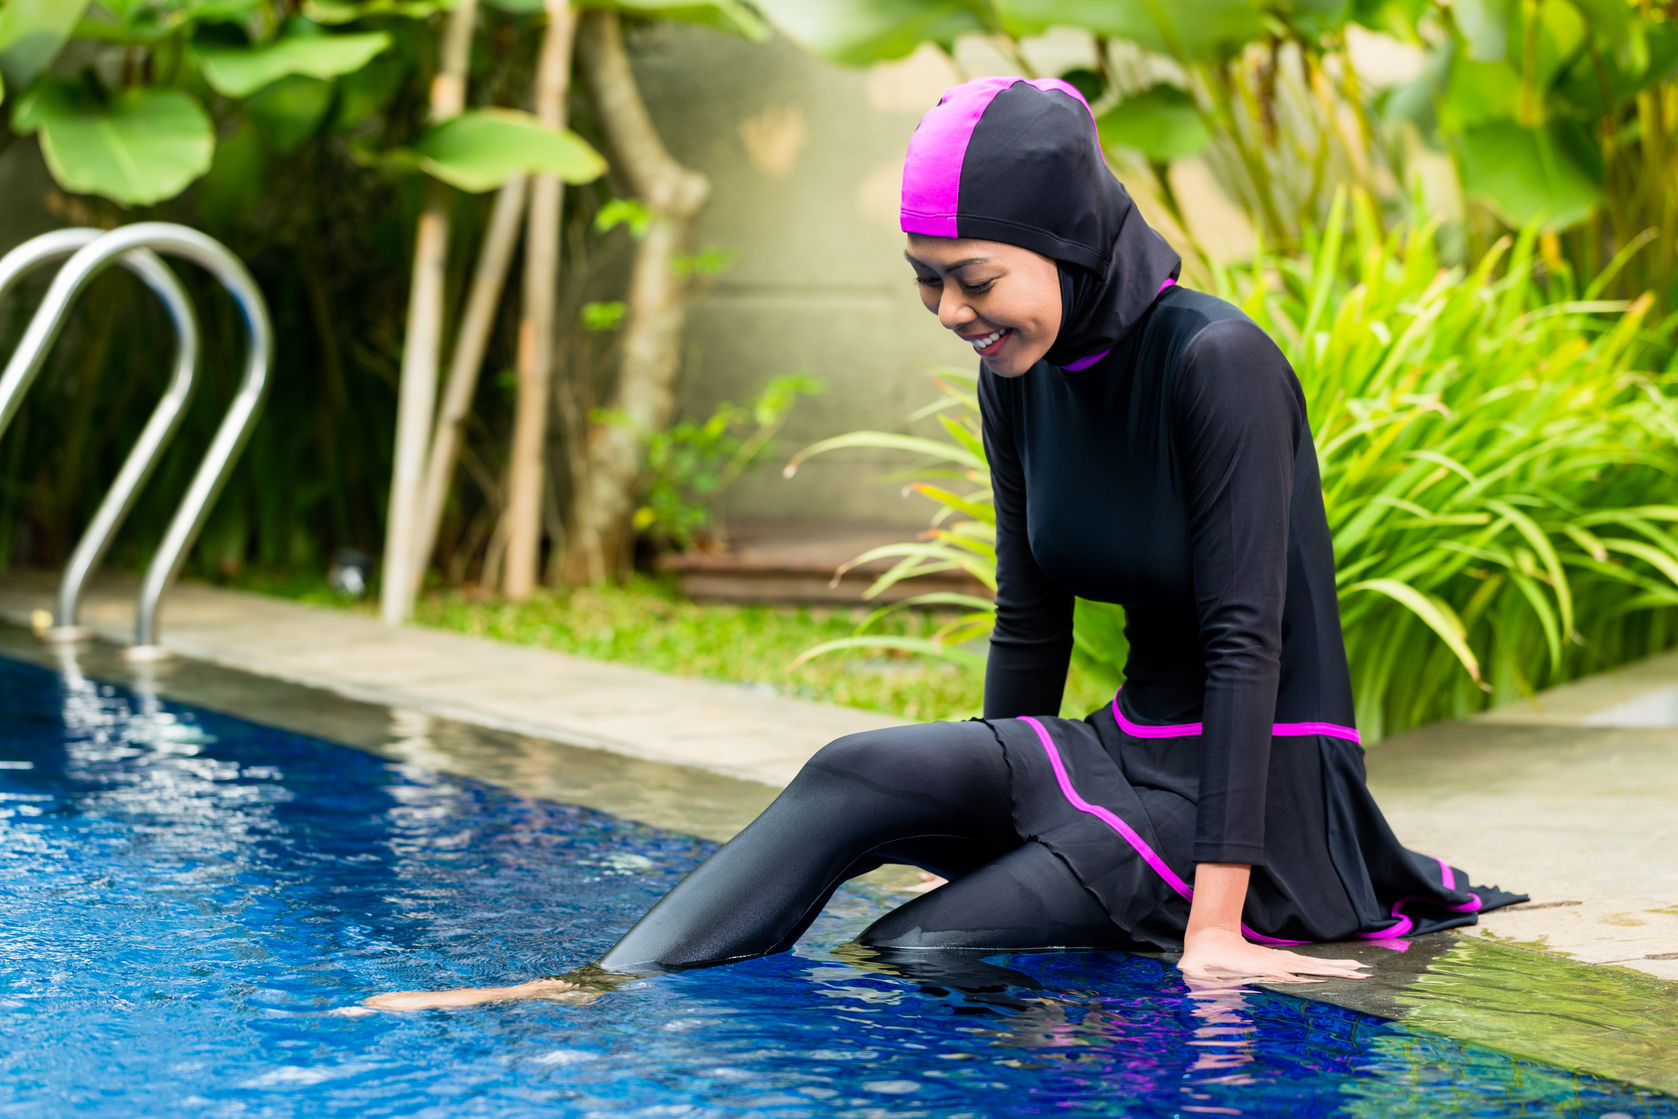 33765803 - muslim woman or girl sitting at pool in tropical garden wearing burkini halal swimwear